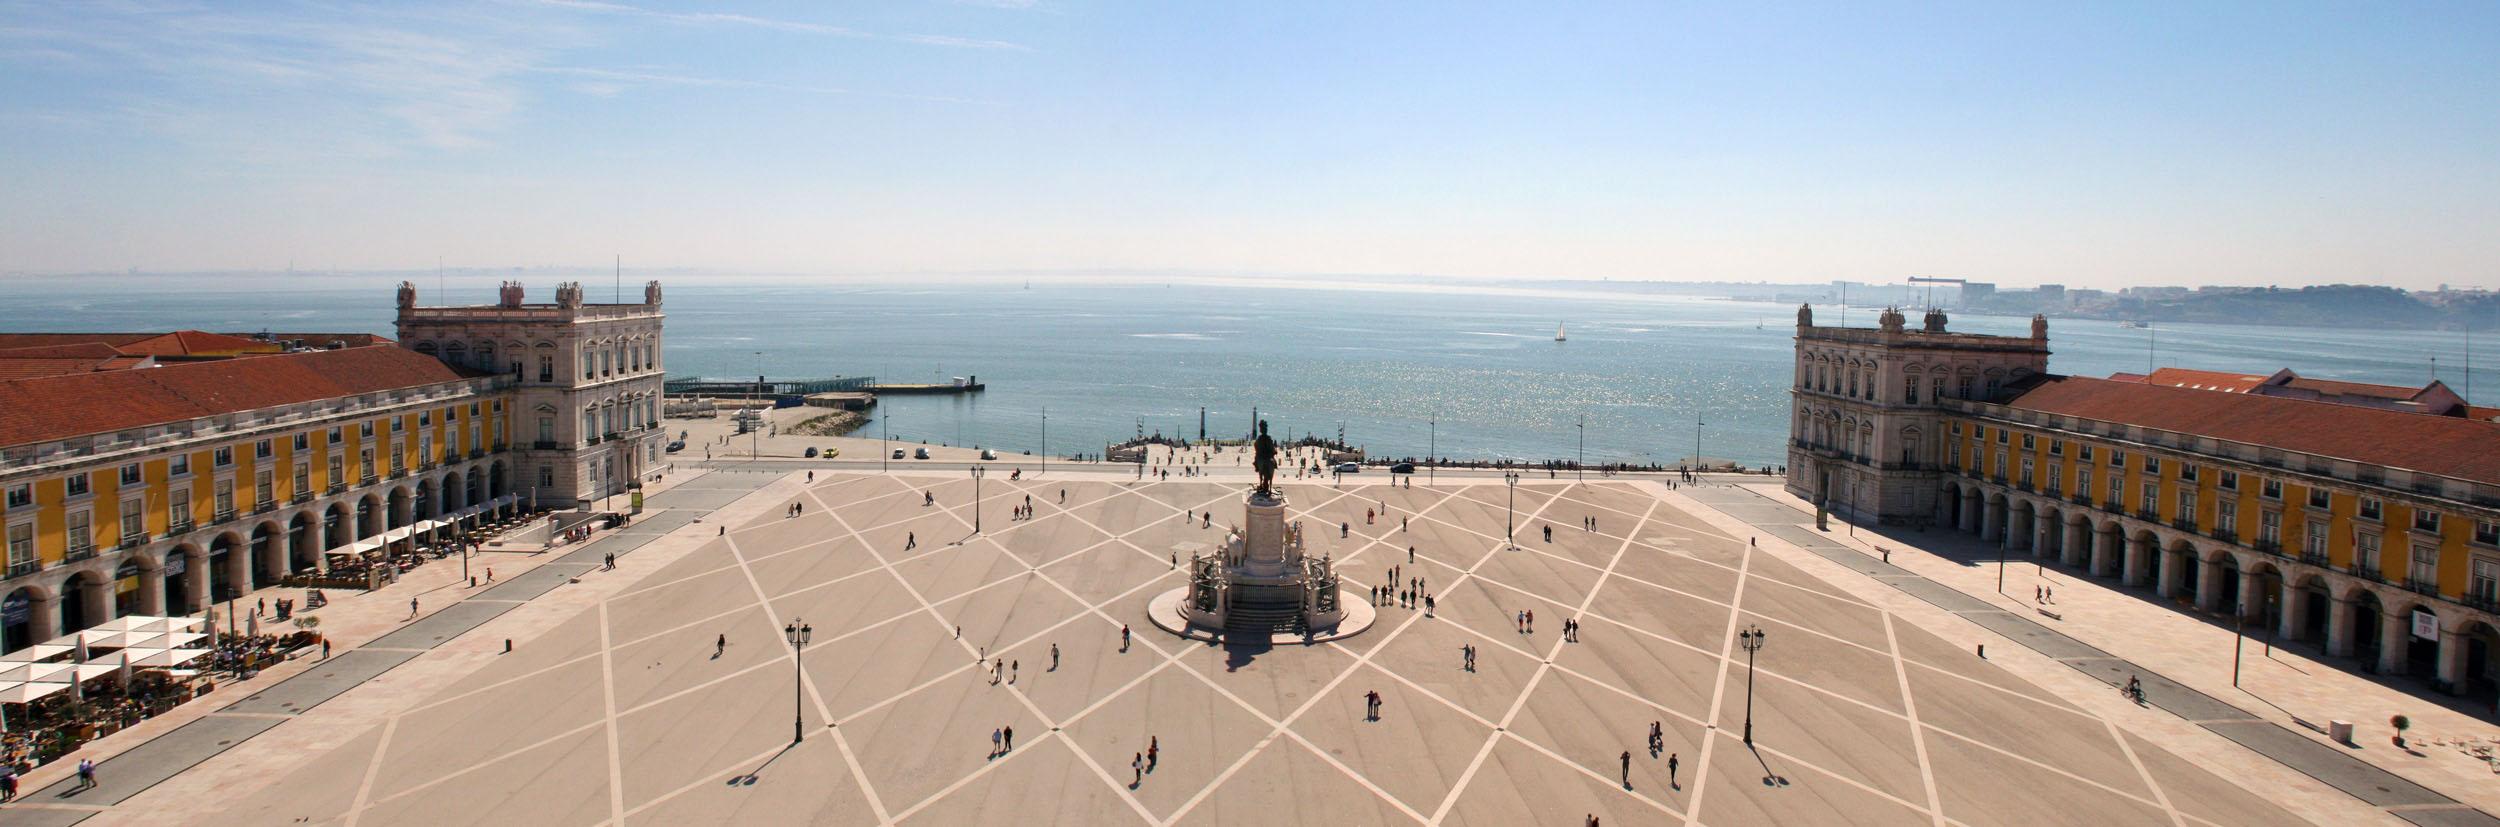 What to do in Lisbon - Terreiro do Paço